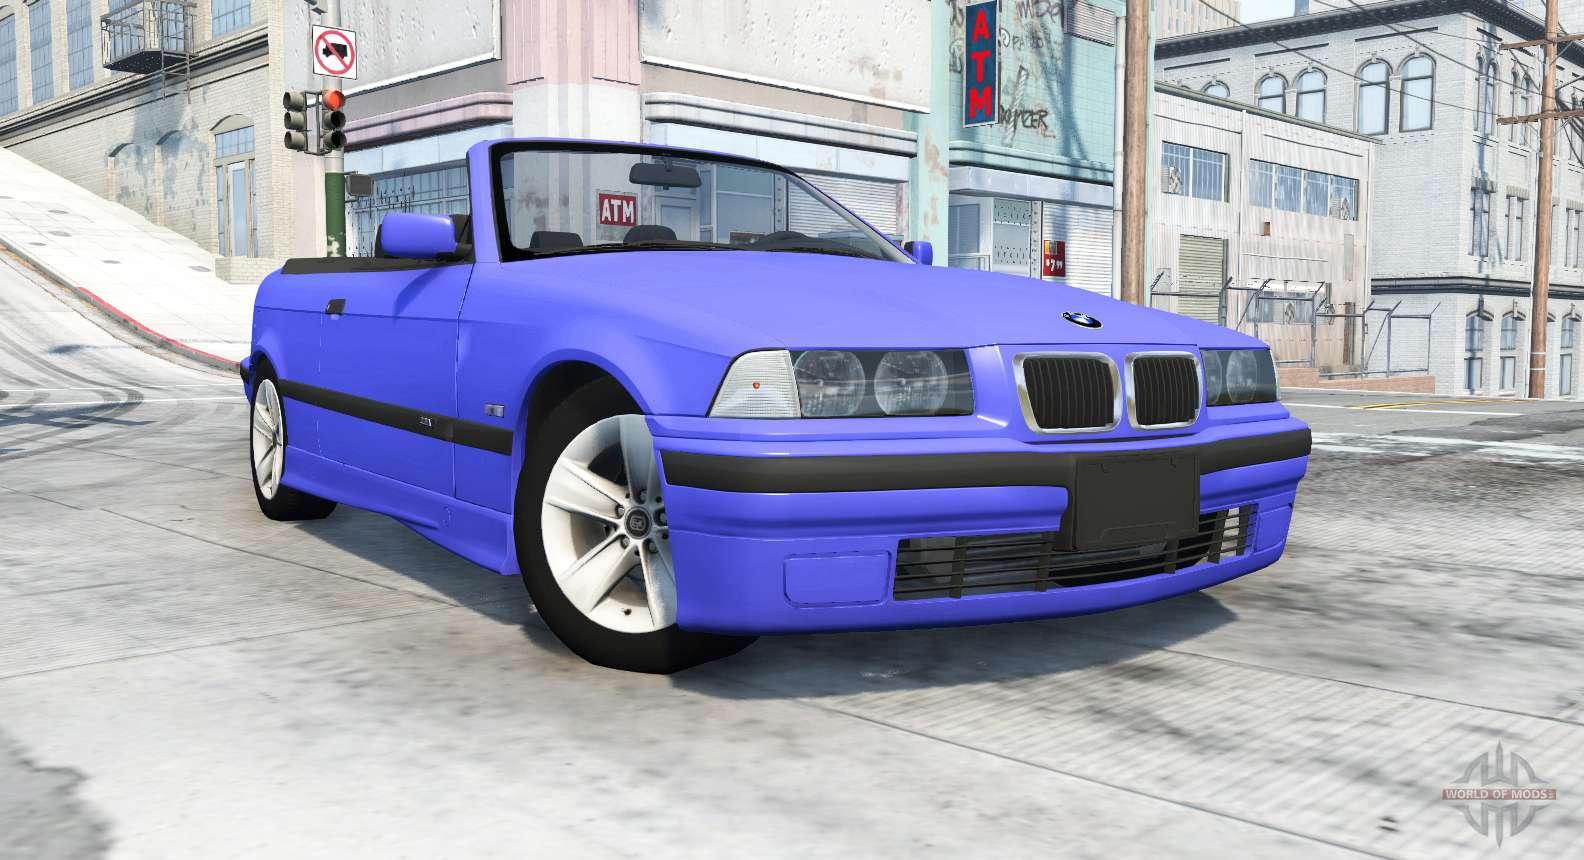 36089 Bmw M3 E36 together with 50022 Bmw M3 E36 Cabrio also 38440 Bmw M3 Cabrio E36 1994 further 505 Bmw M3 E30 moreover Bmw E36 Black Bbs Lm. on mod for e36 m3 cabrio